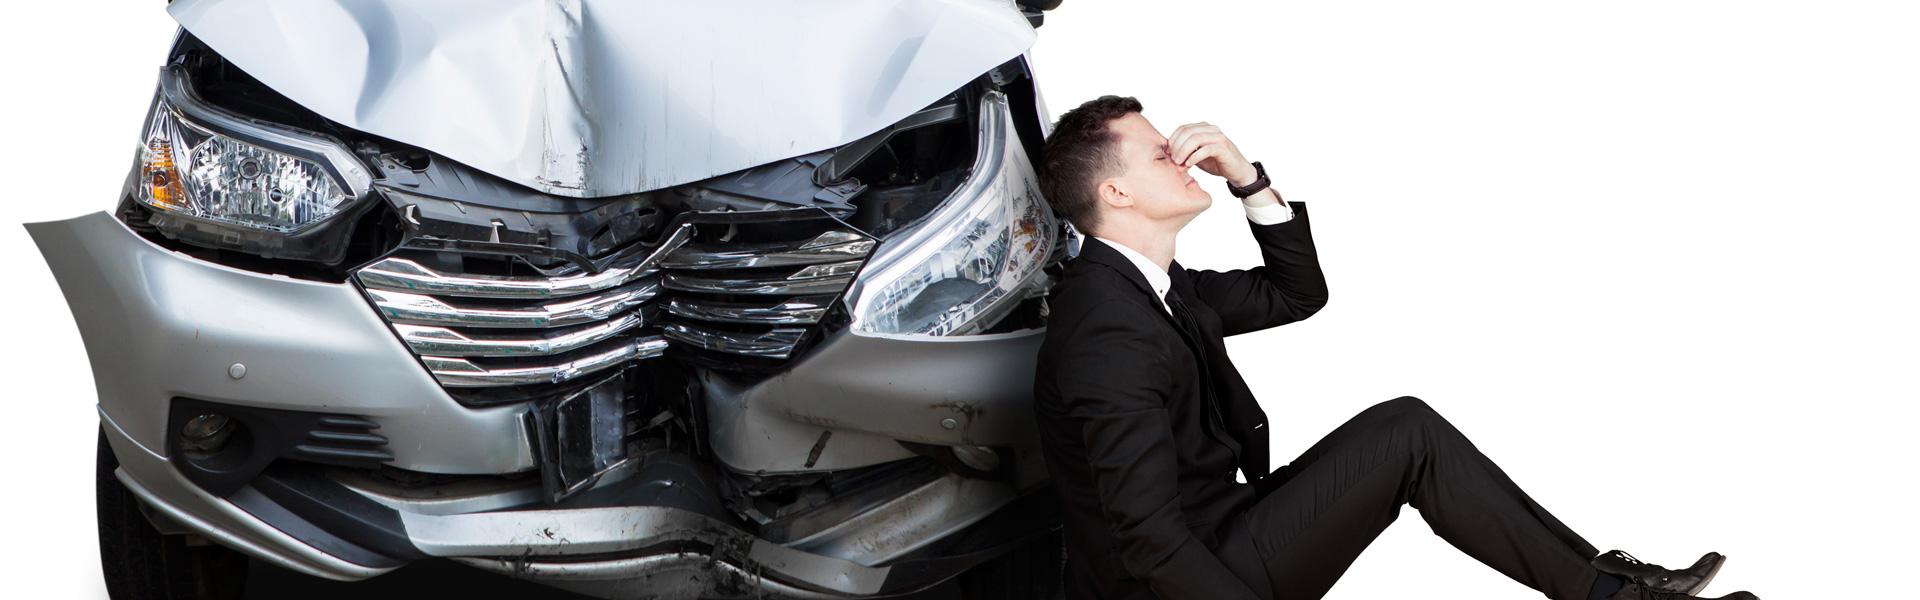 forsikrings skader